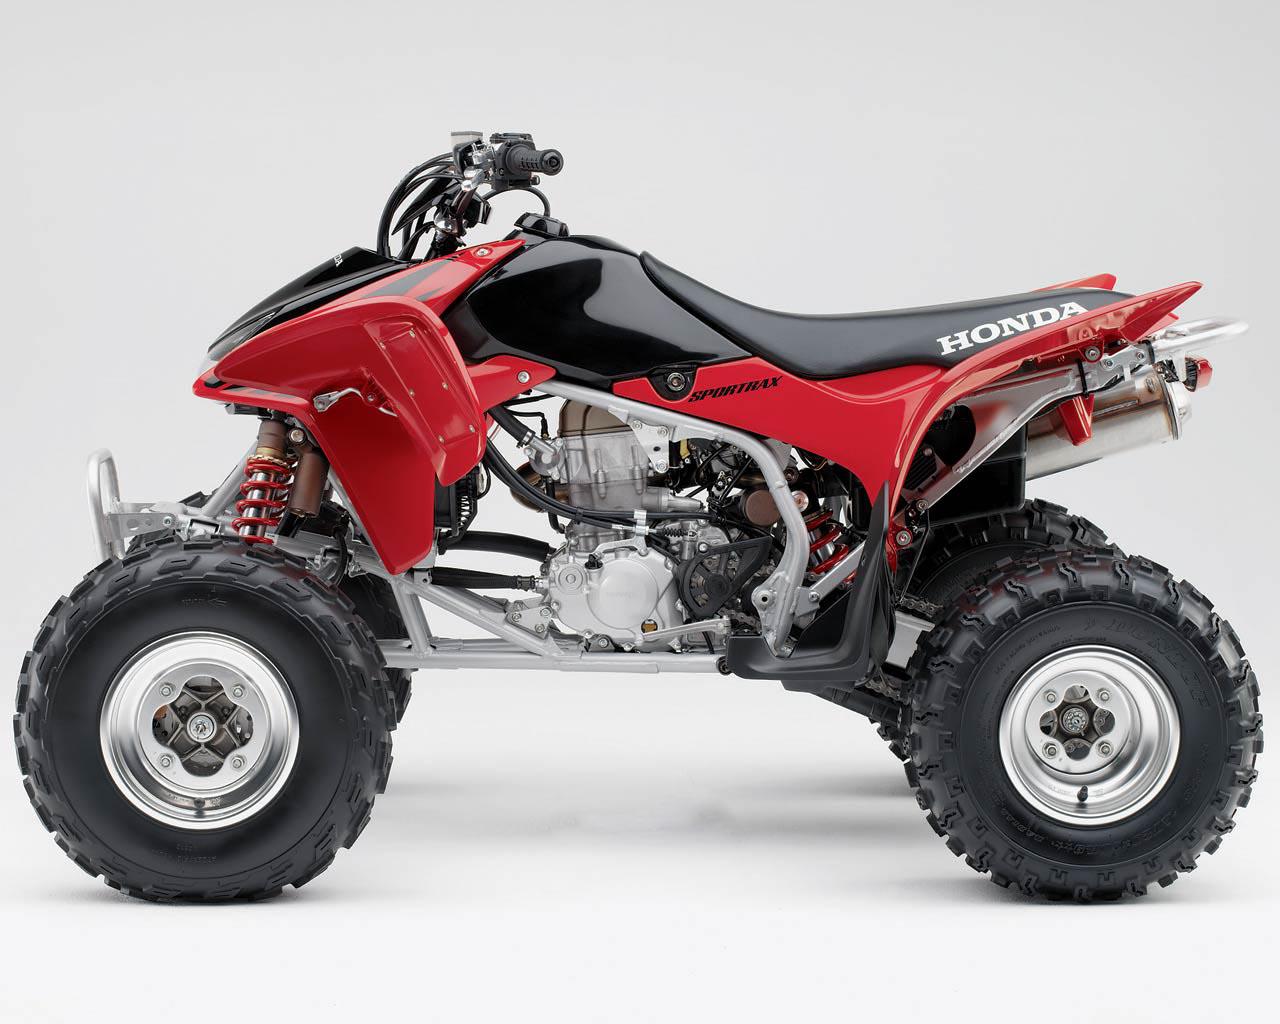 купить квадроцикл yamaha grizzly 700 цена